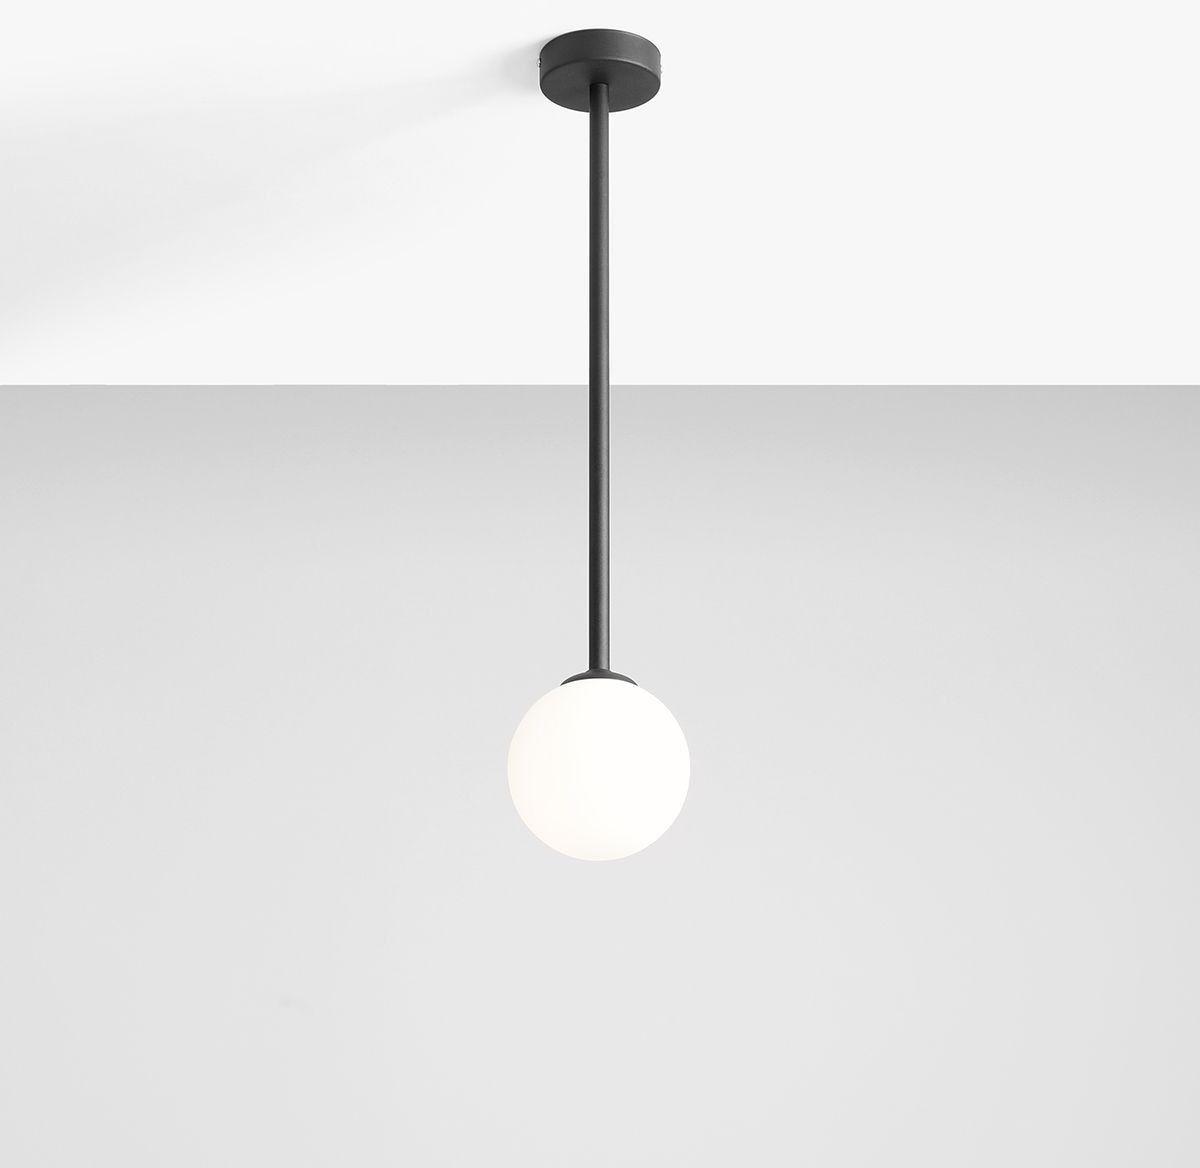 Pinne lampa wisząca czarna 1080PL/G1/M - Aldex // Rabaty w koszyku i darmowa dostawa od 299zł !